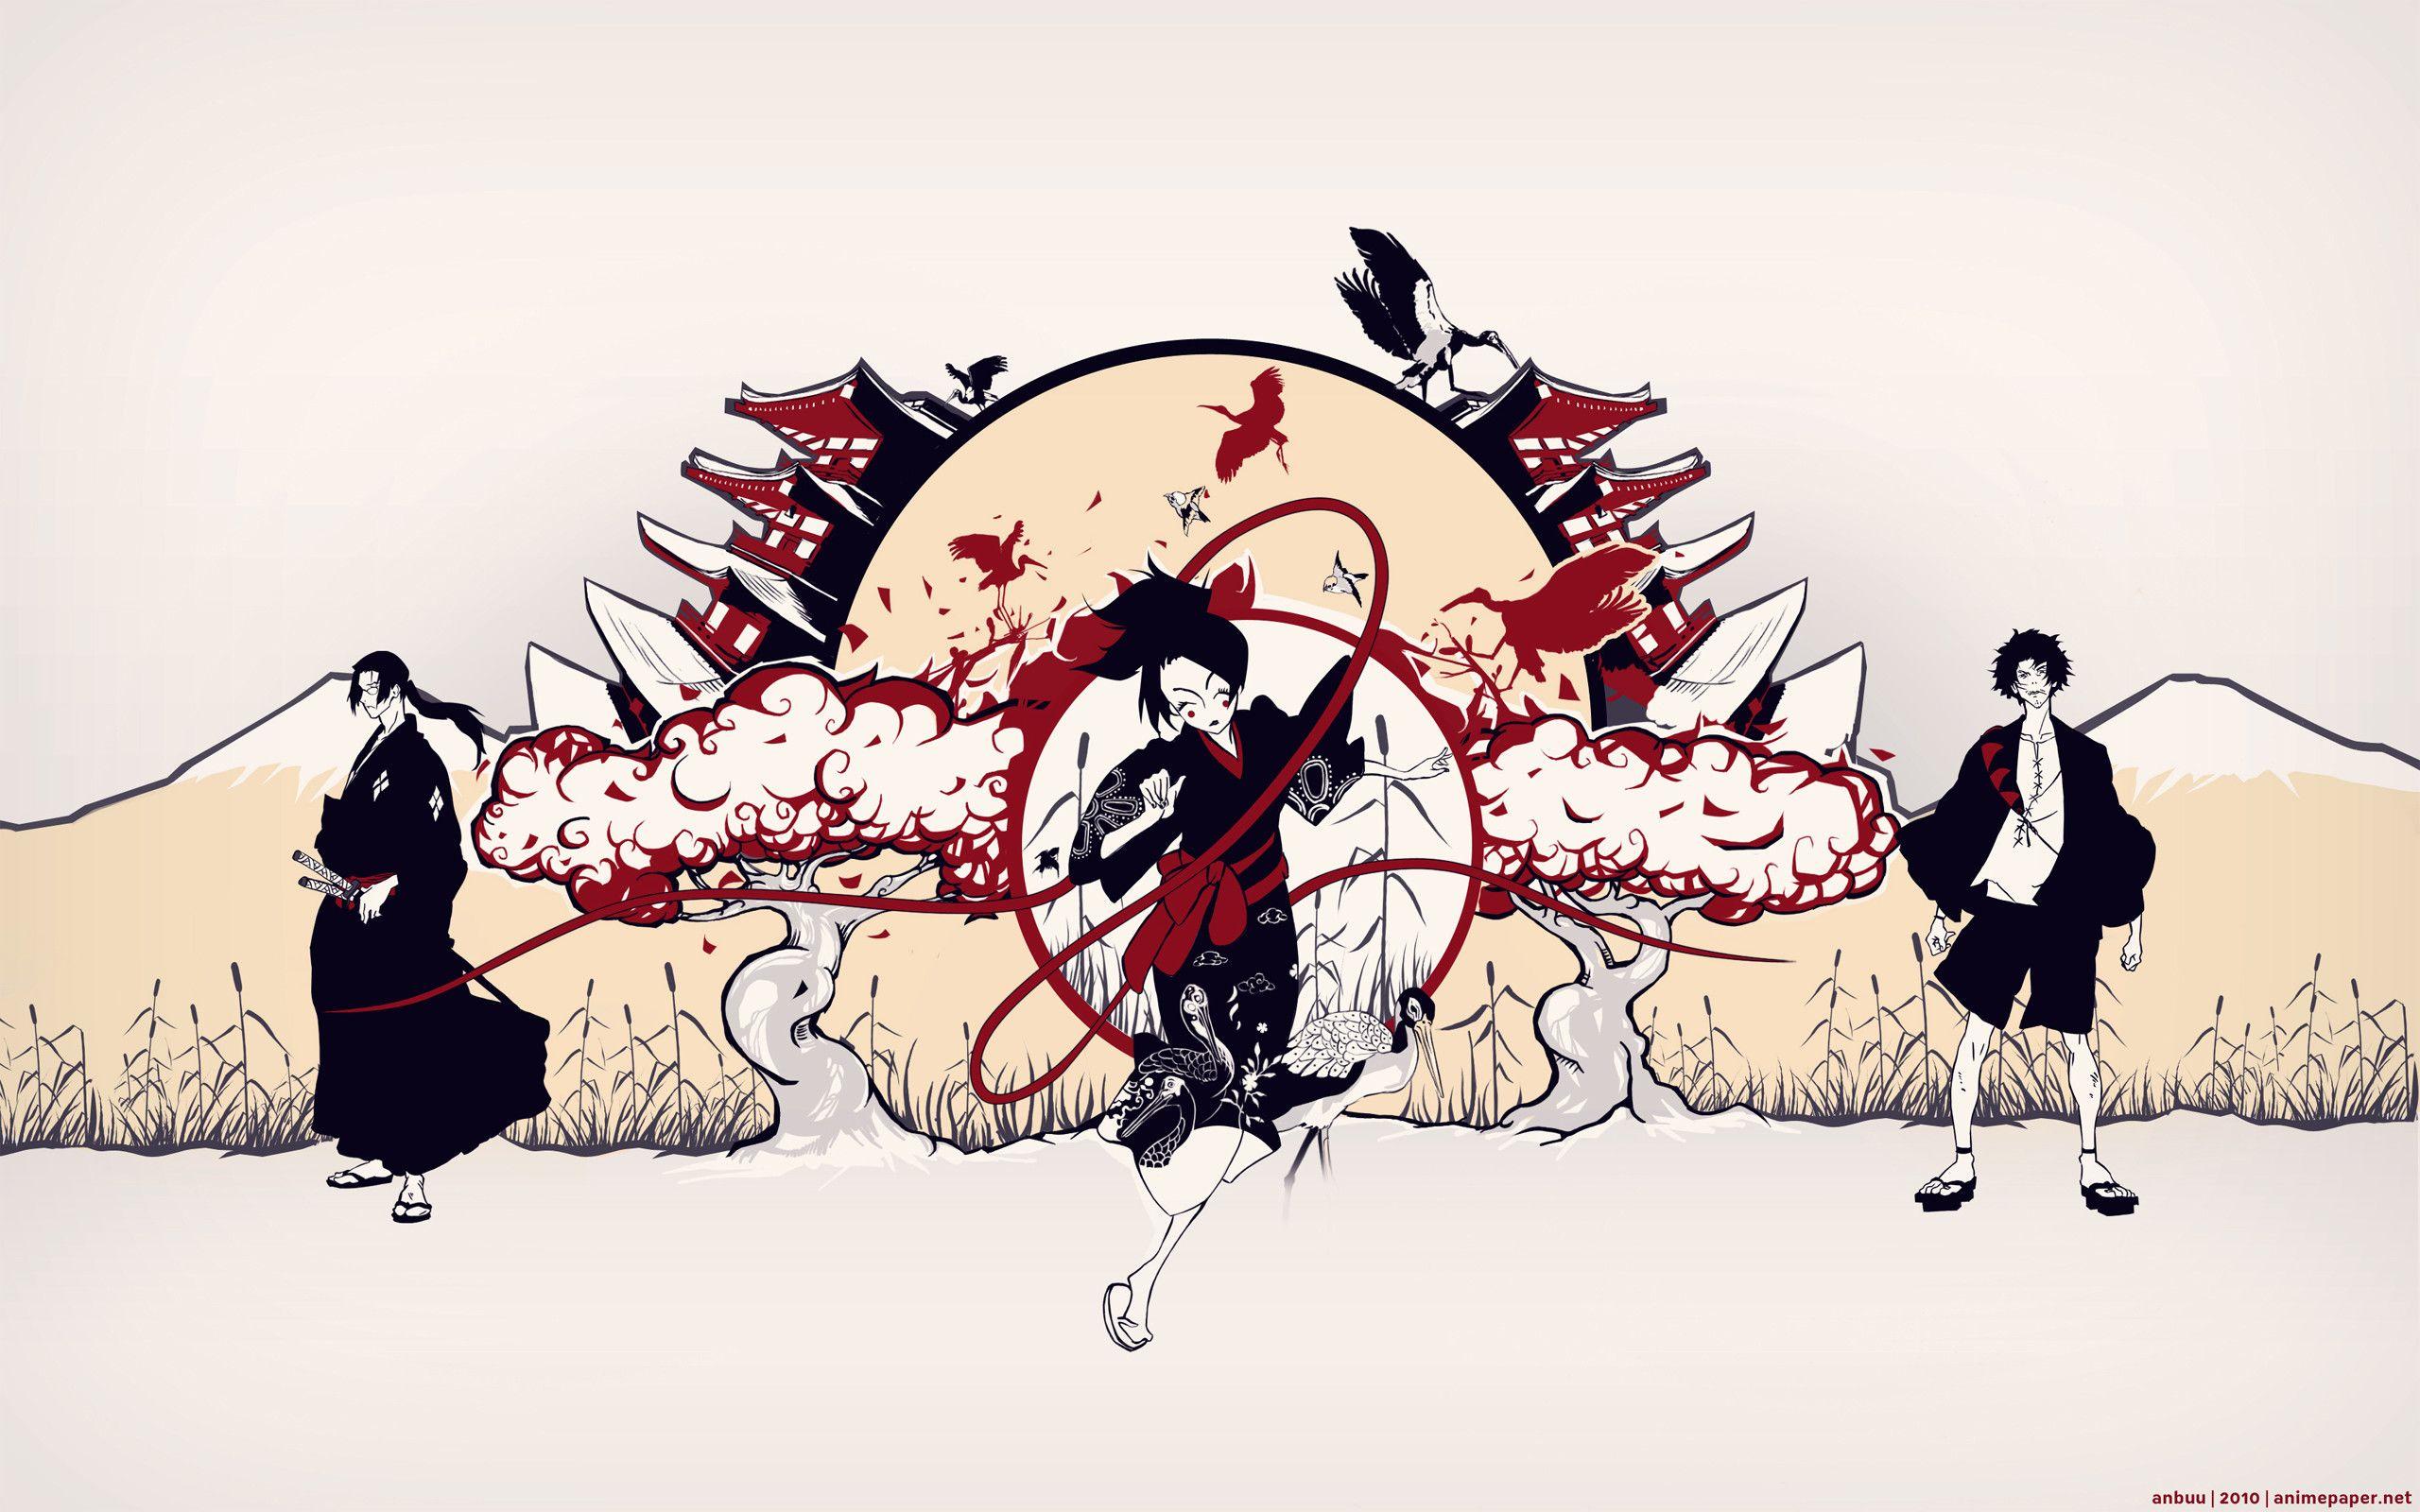 samurai champloo mugen